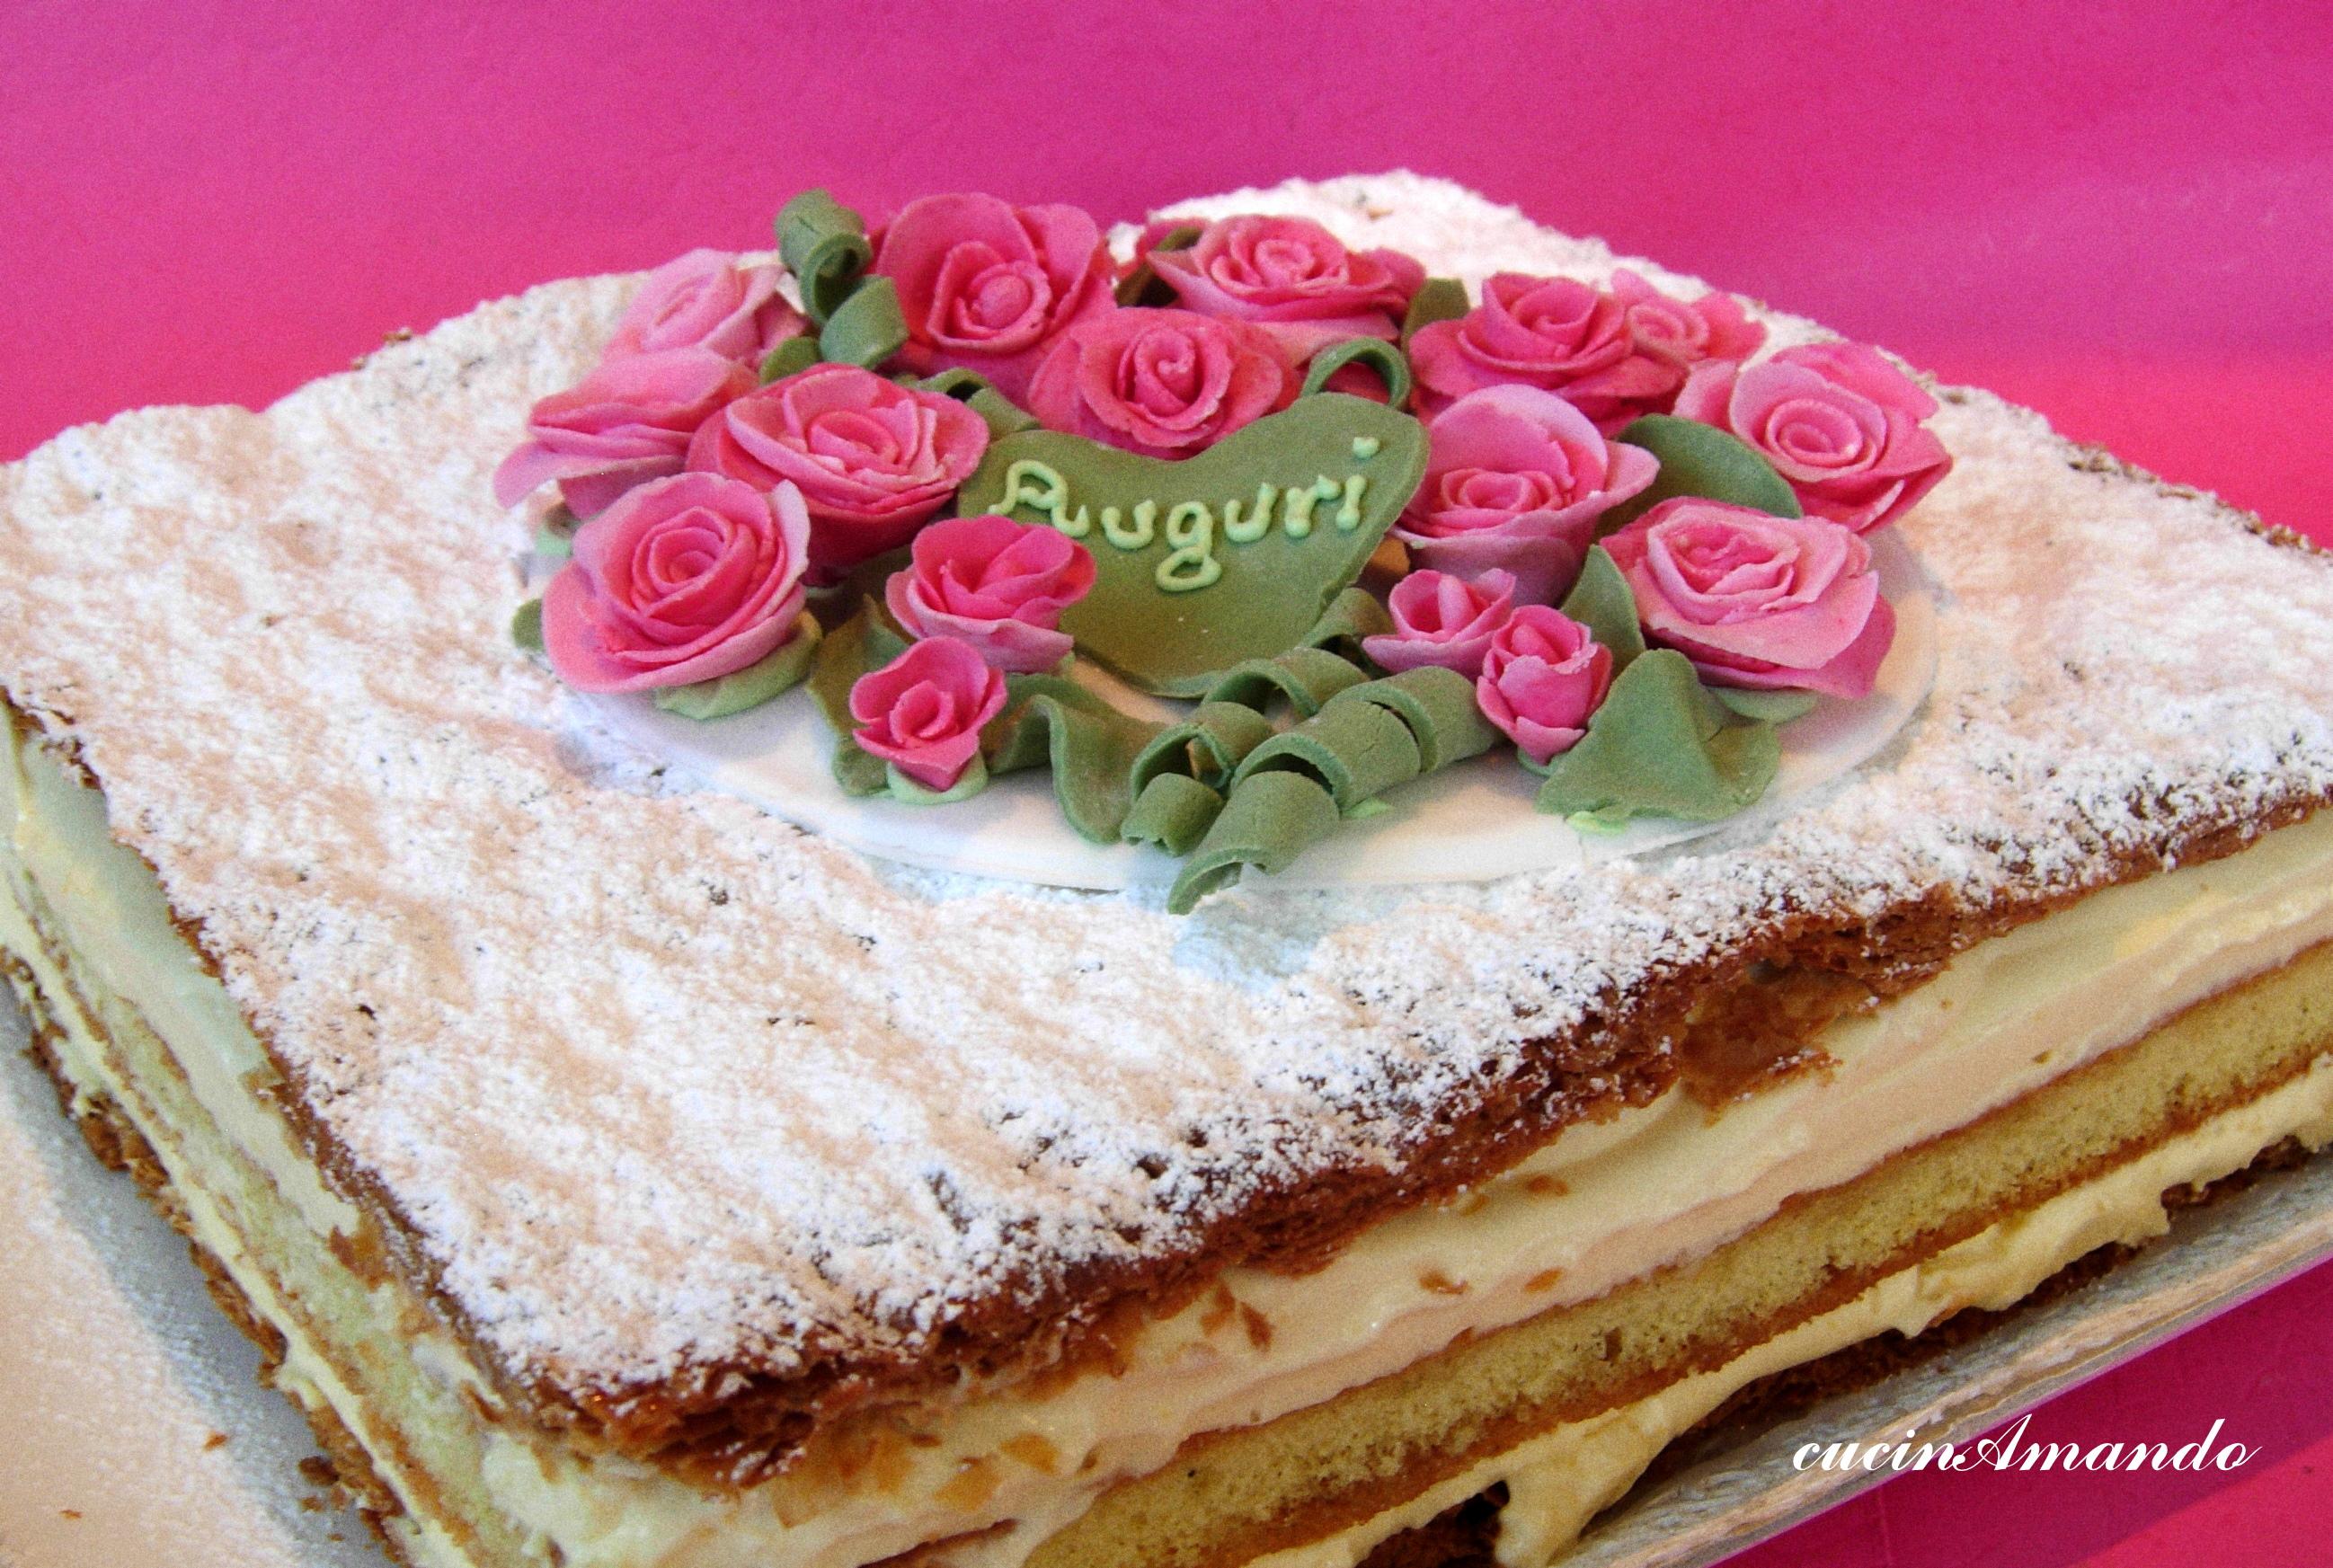 Torta diplomatica con cake ideas and designs for Decorazioni torte ninjago